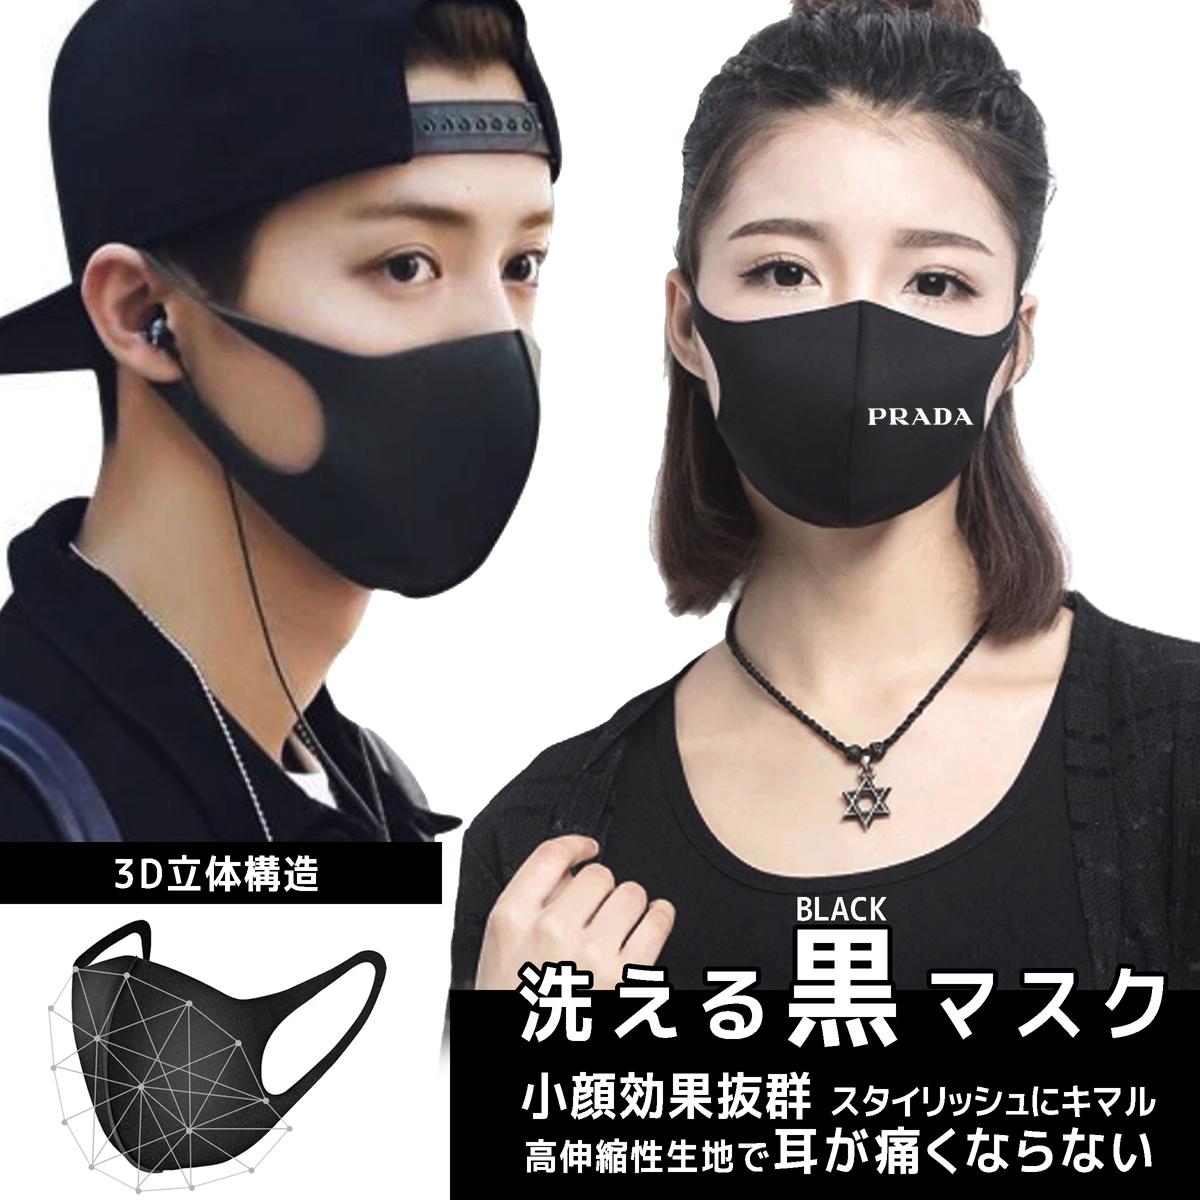 PRADA face masks coronavirus